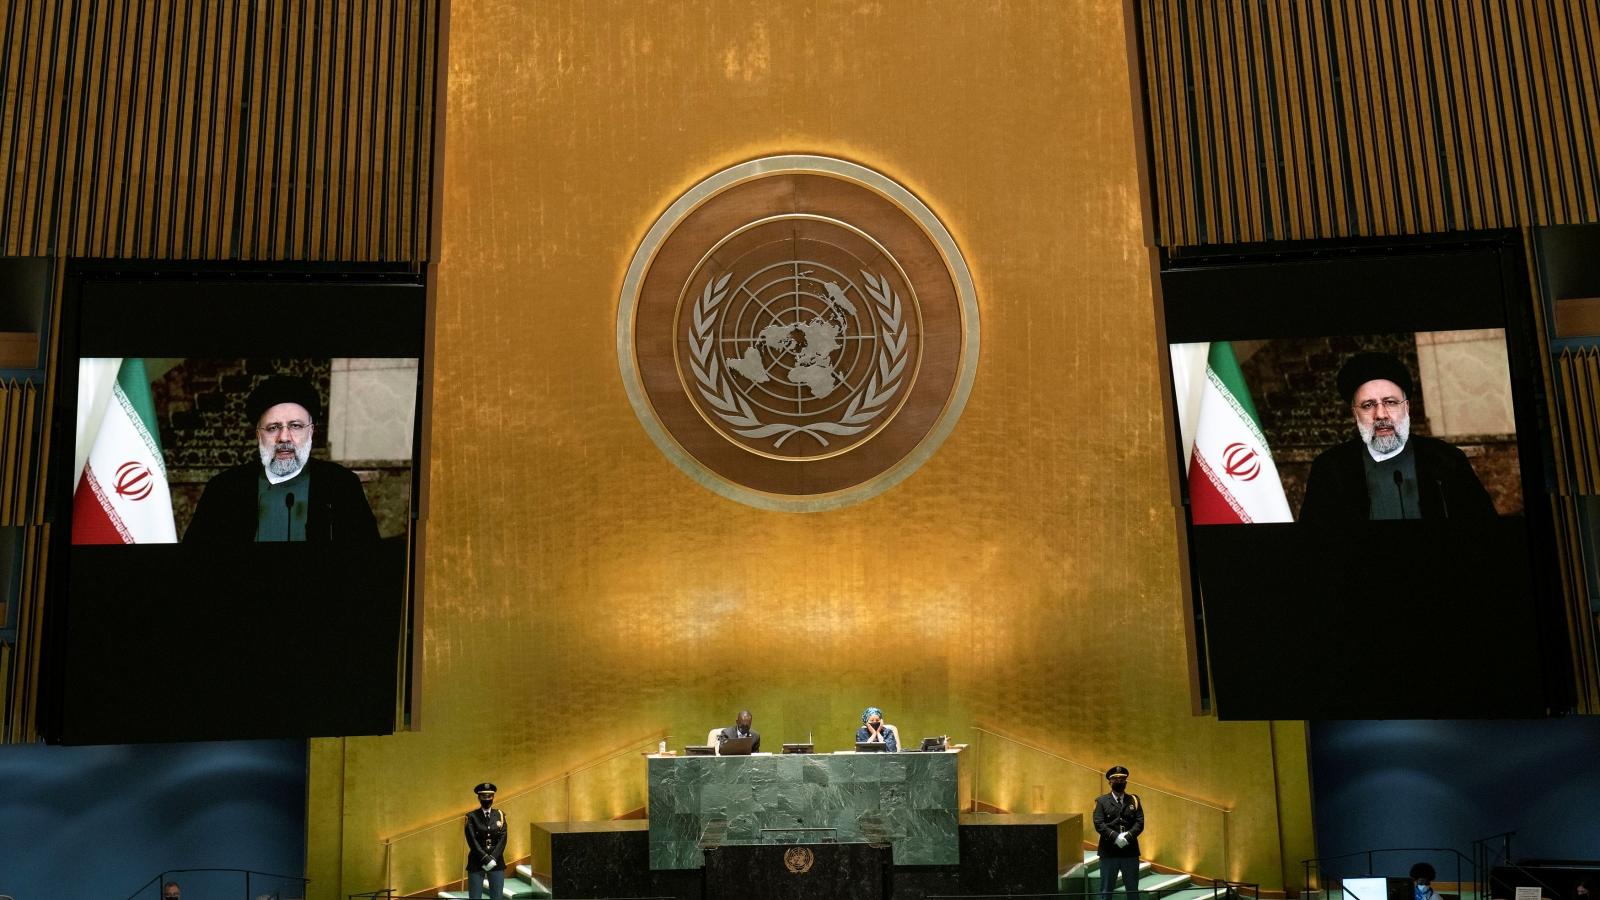 Tổng thống Iran chỉ trích các chính sách của Mỹ trước Đại hội đồng Liên Hợp Quốc